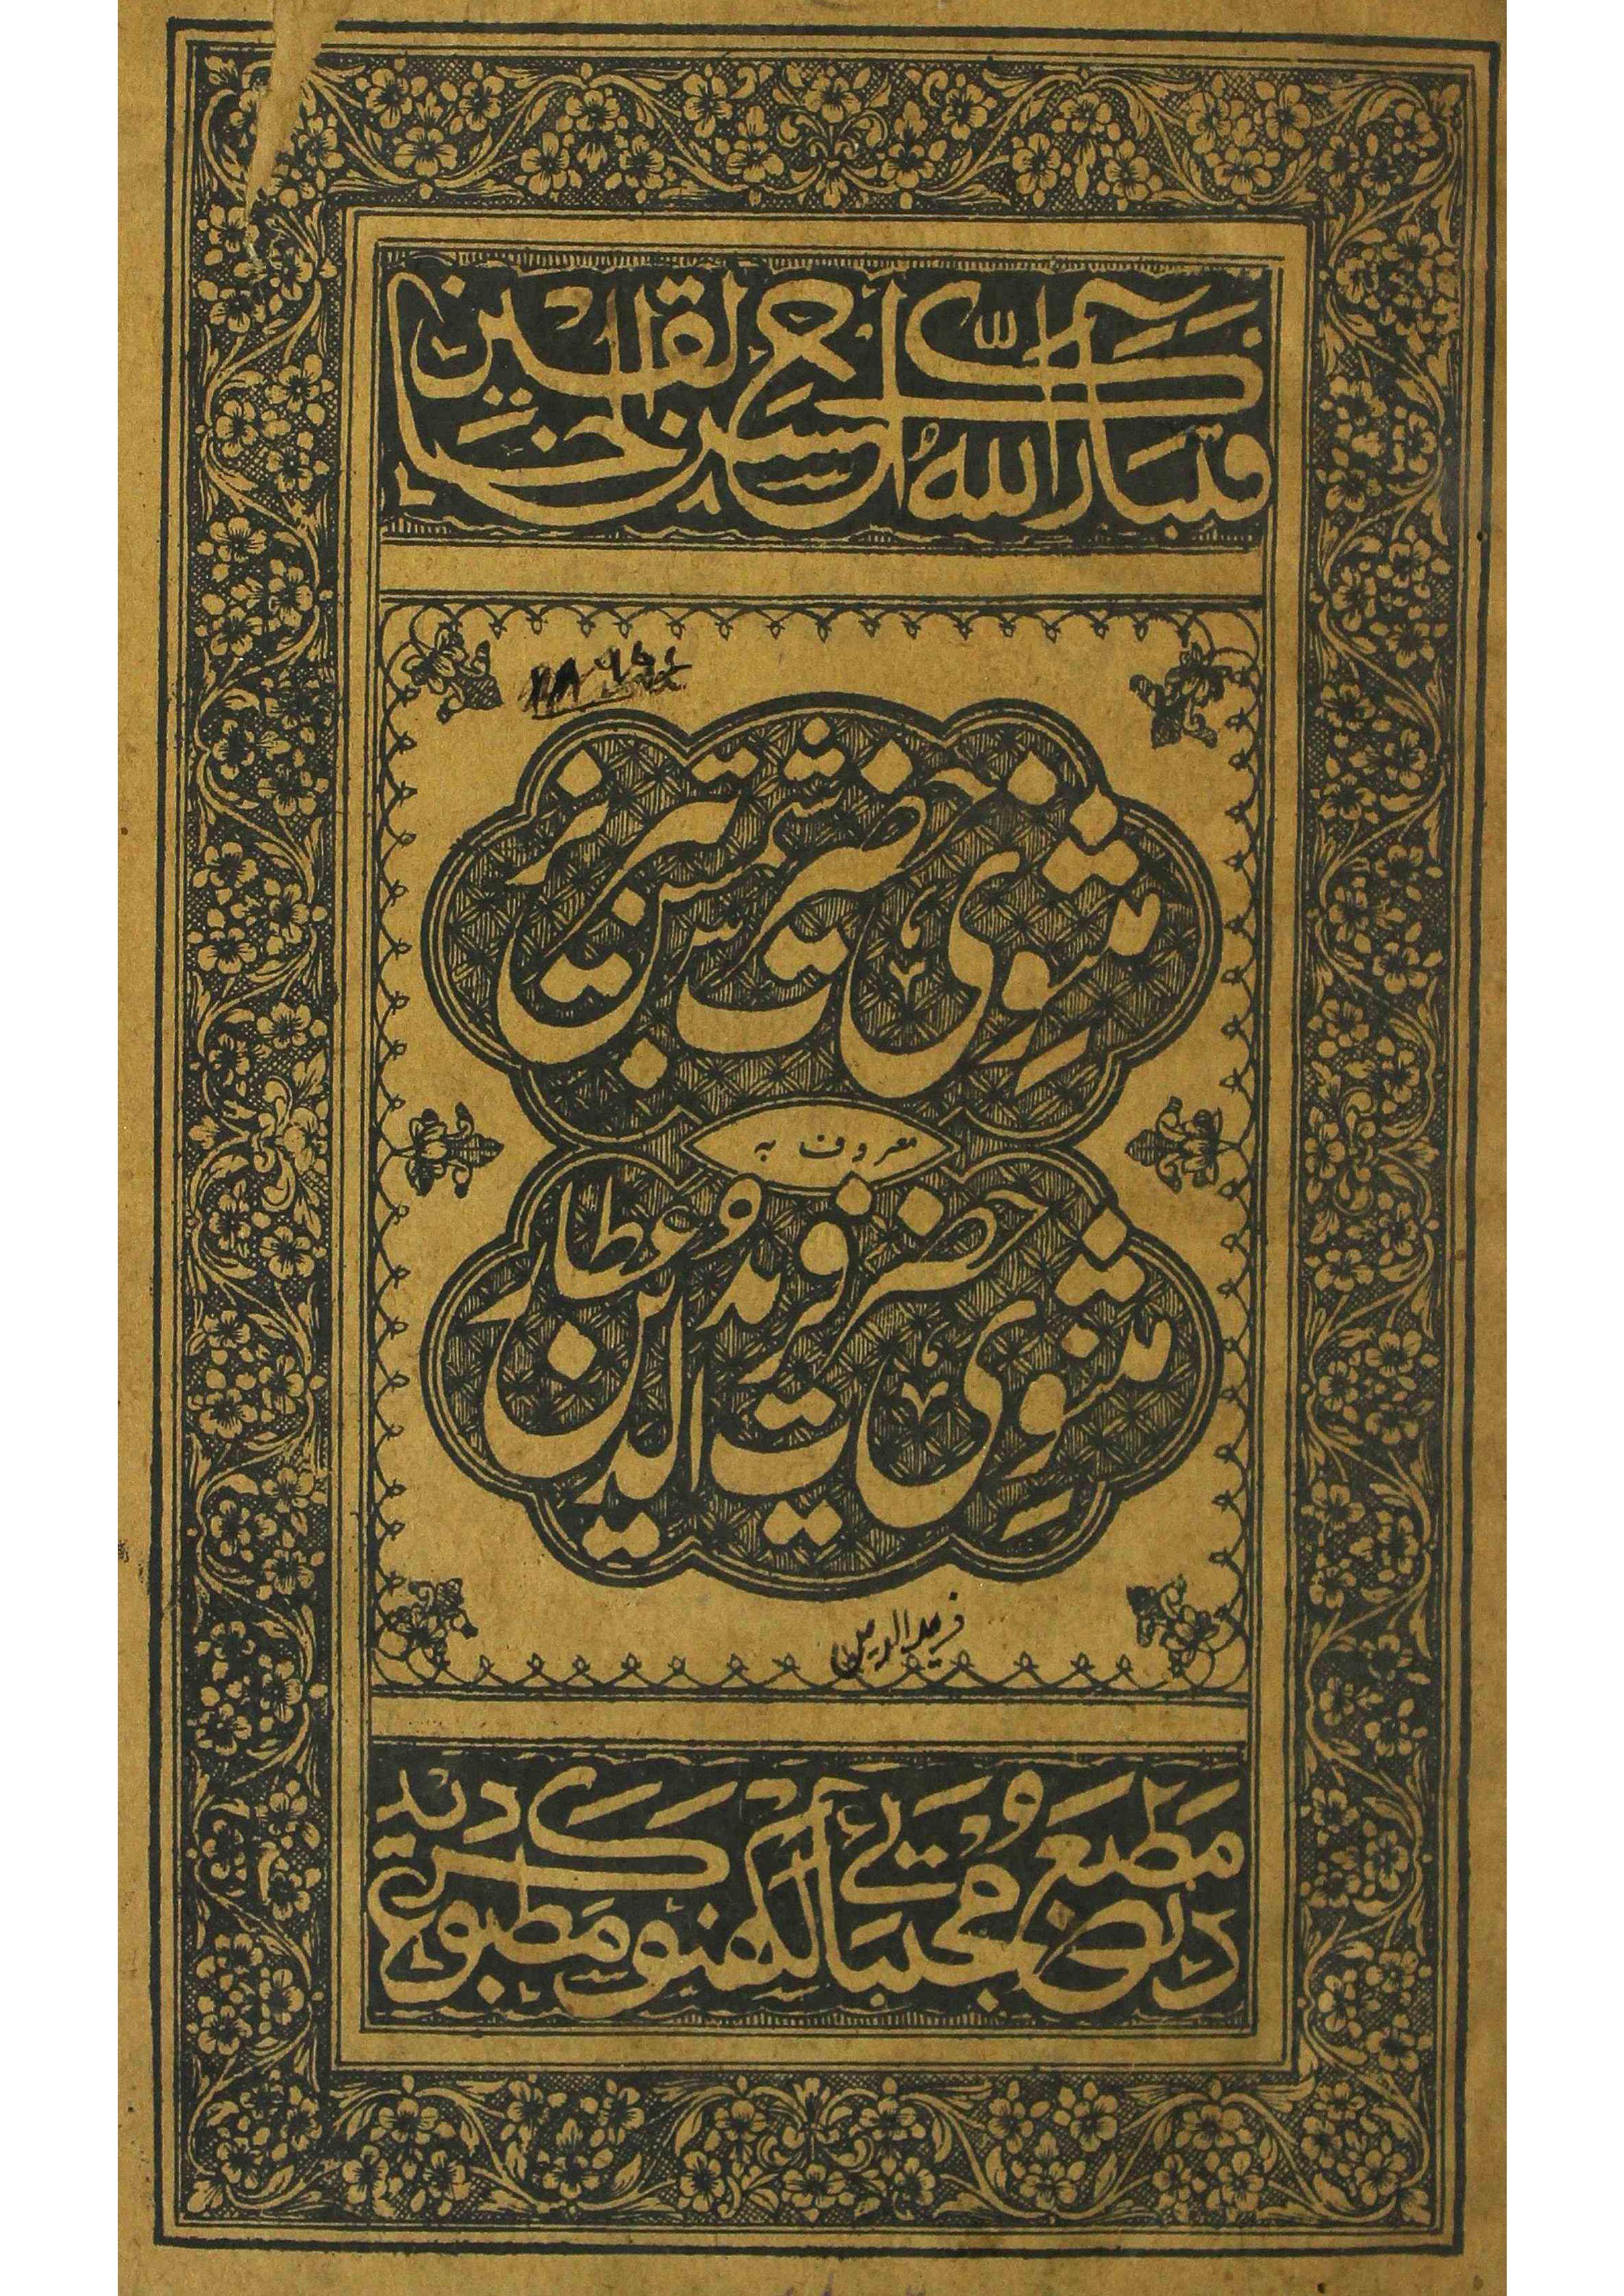 Masnavi Hazrat Shams Tabrez     Masnavi Hazrat Fared-ud-Deen Attar